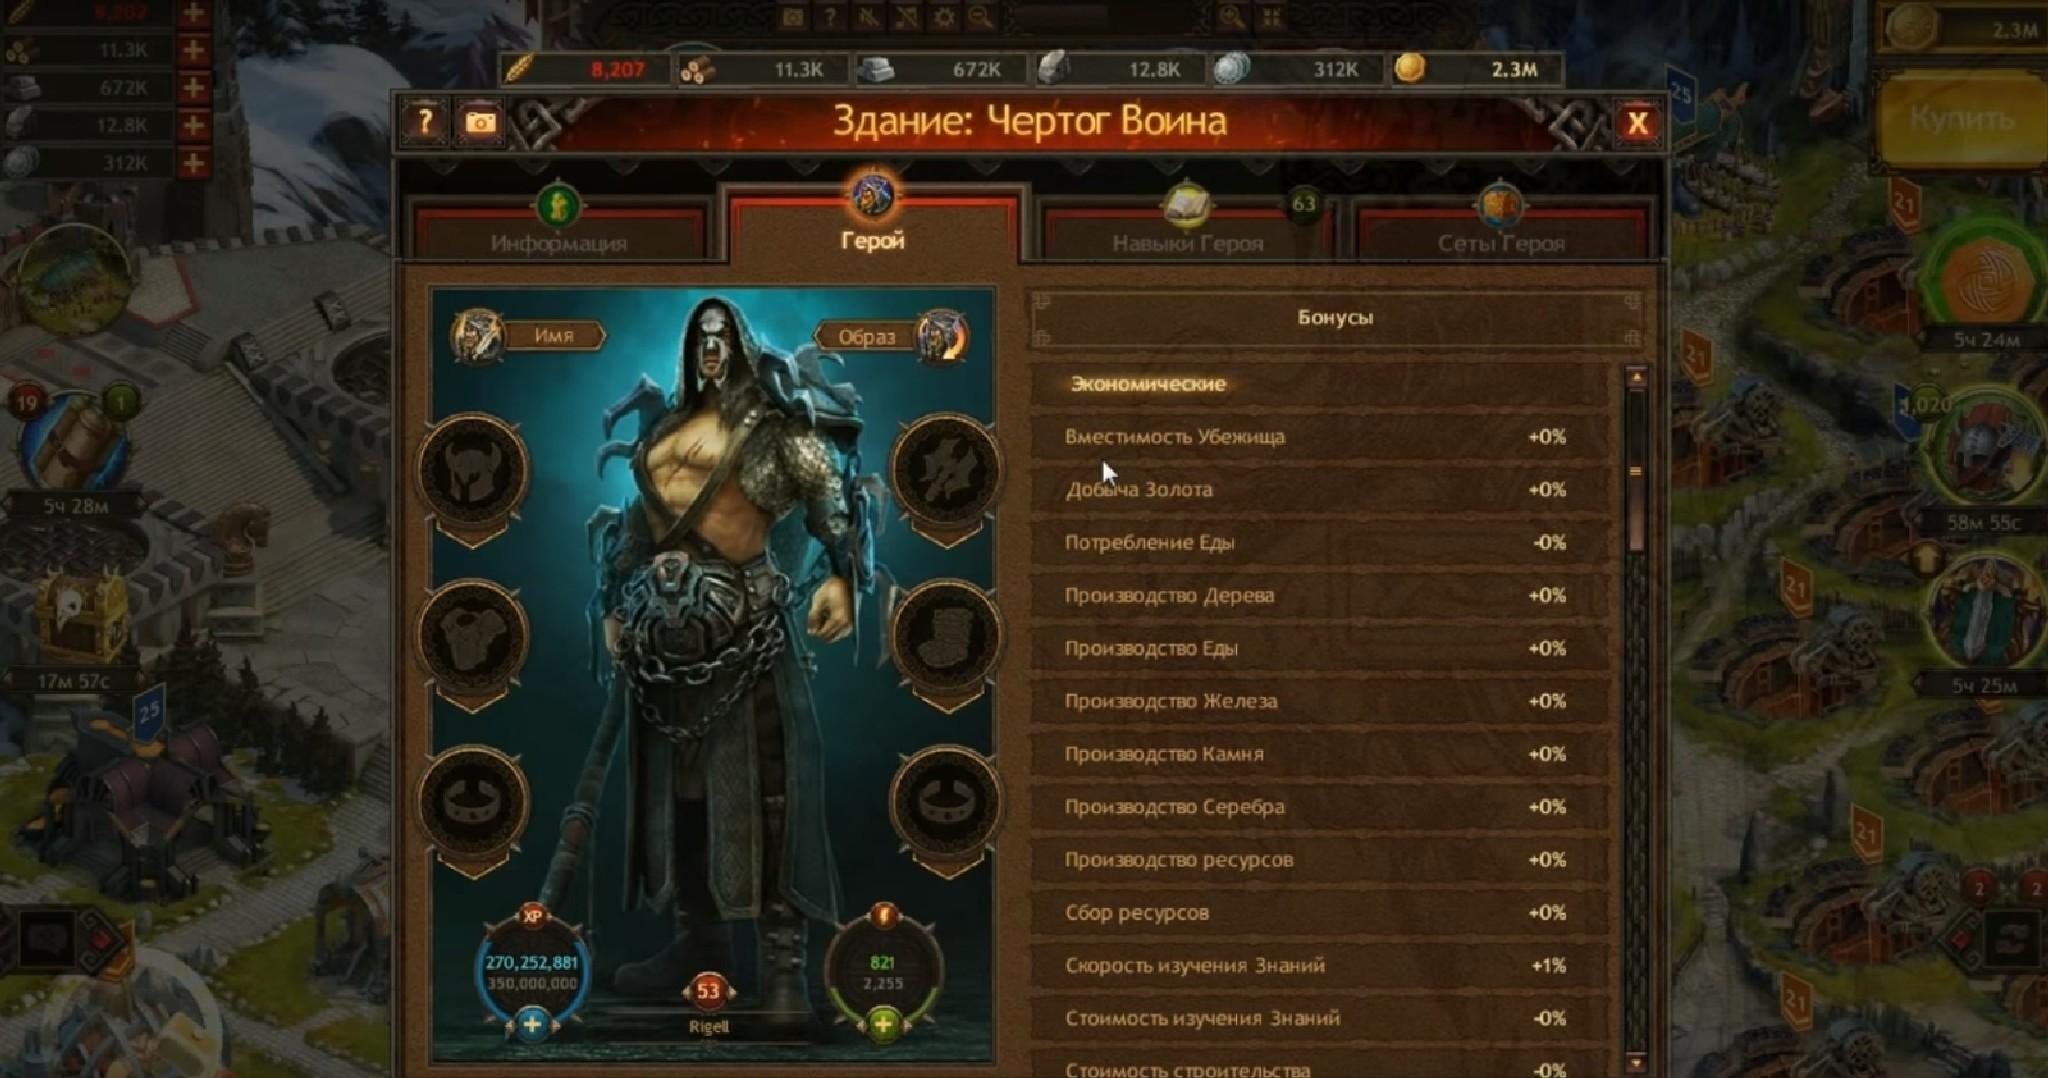 Игра викинги играть онлайн бесплатно без скачивания и регистрации.